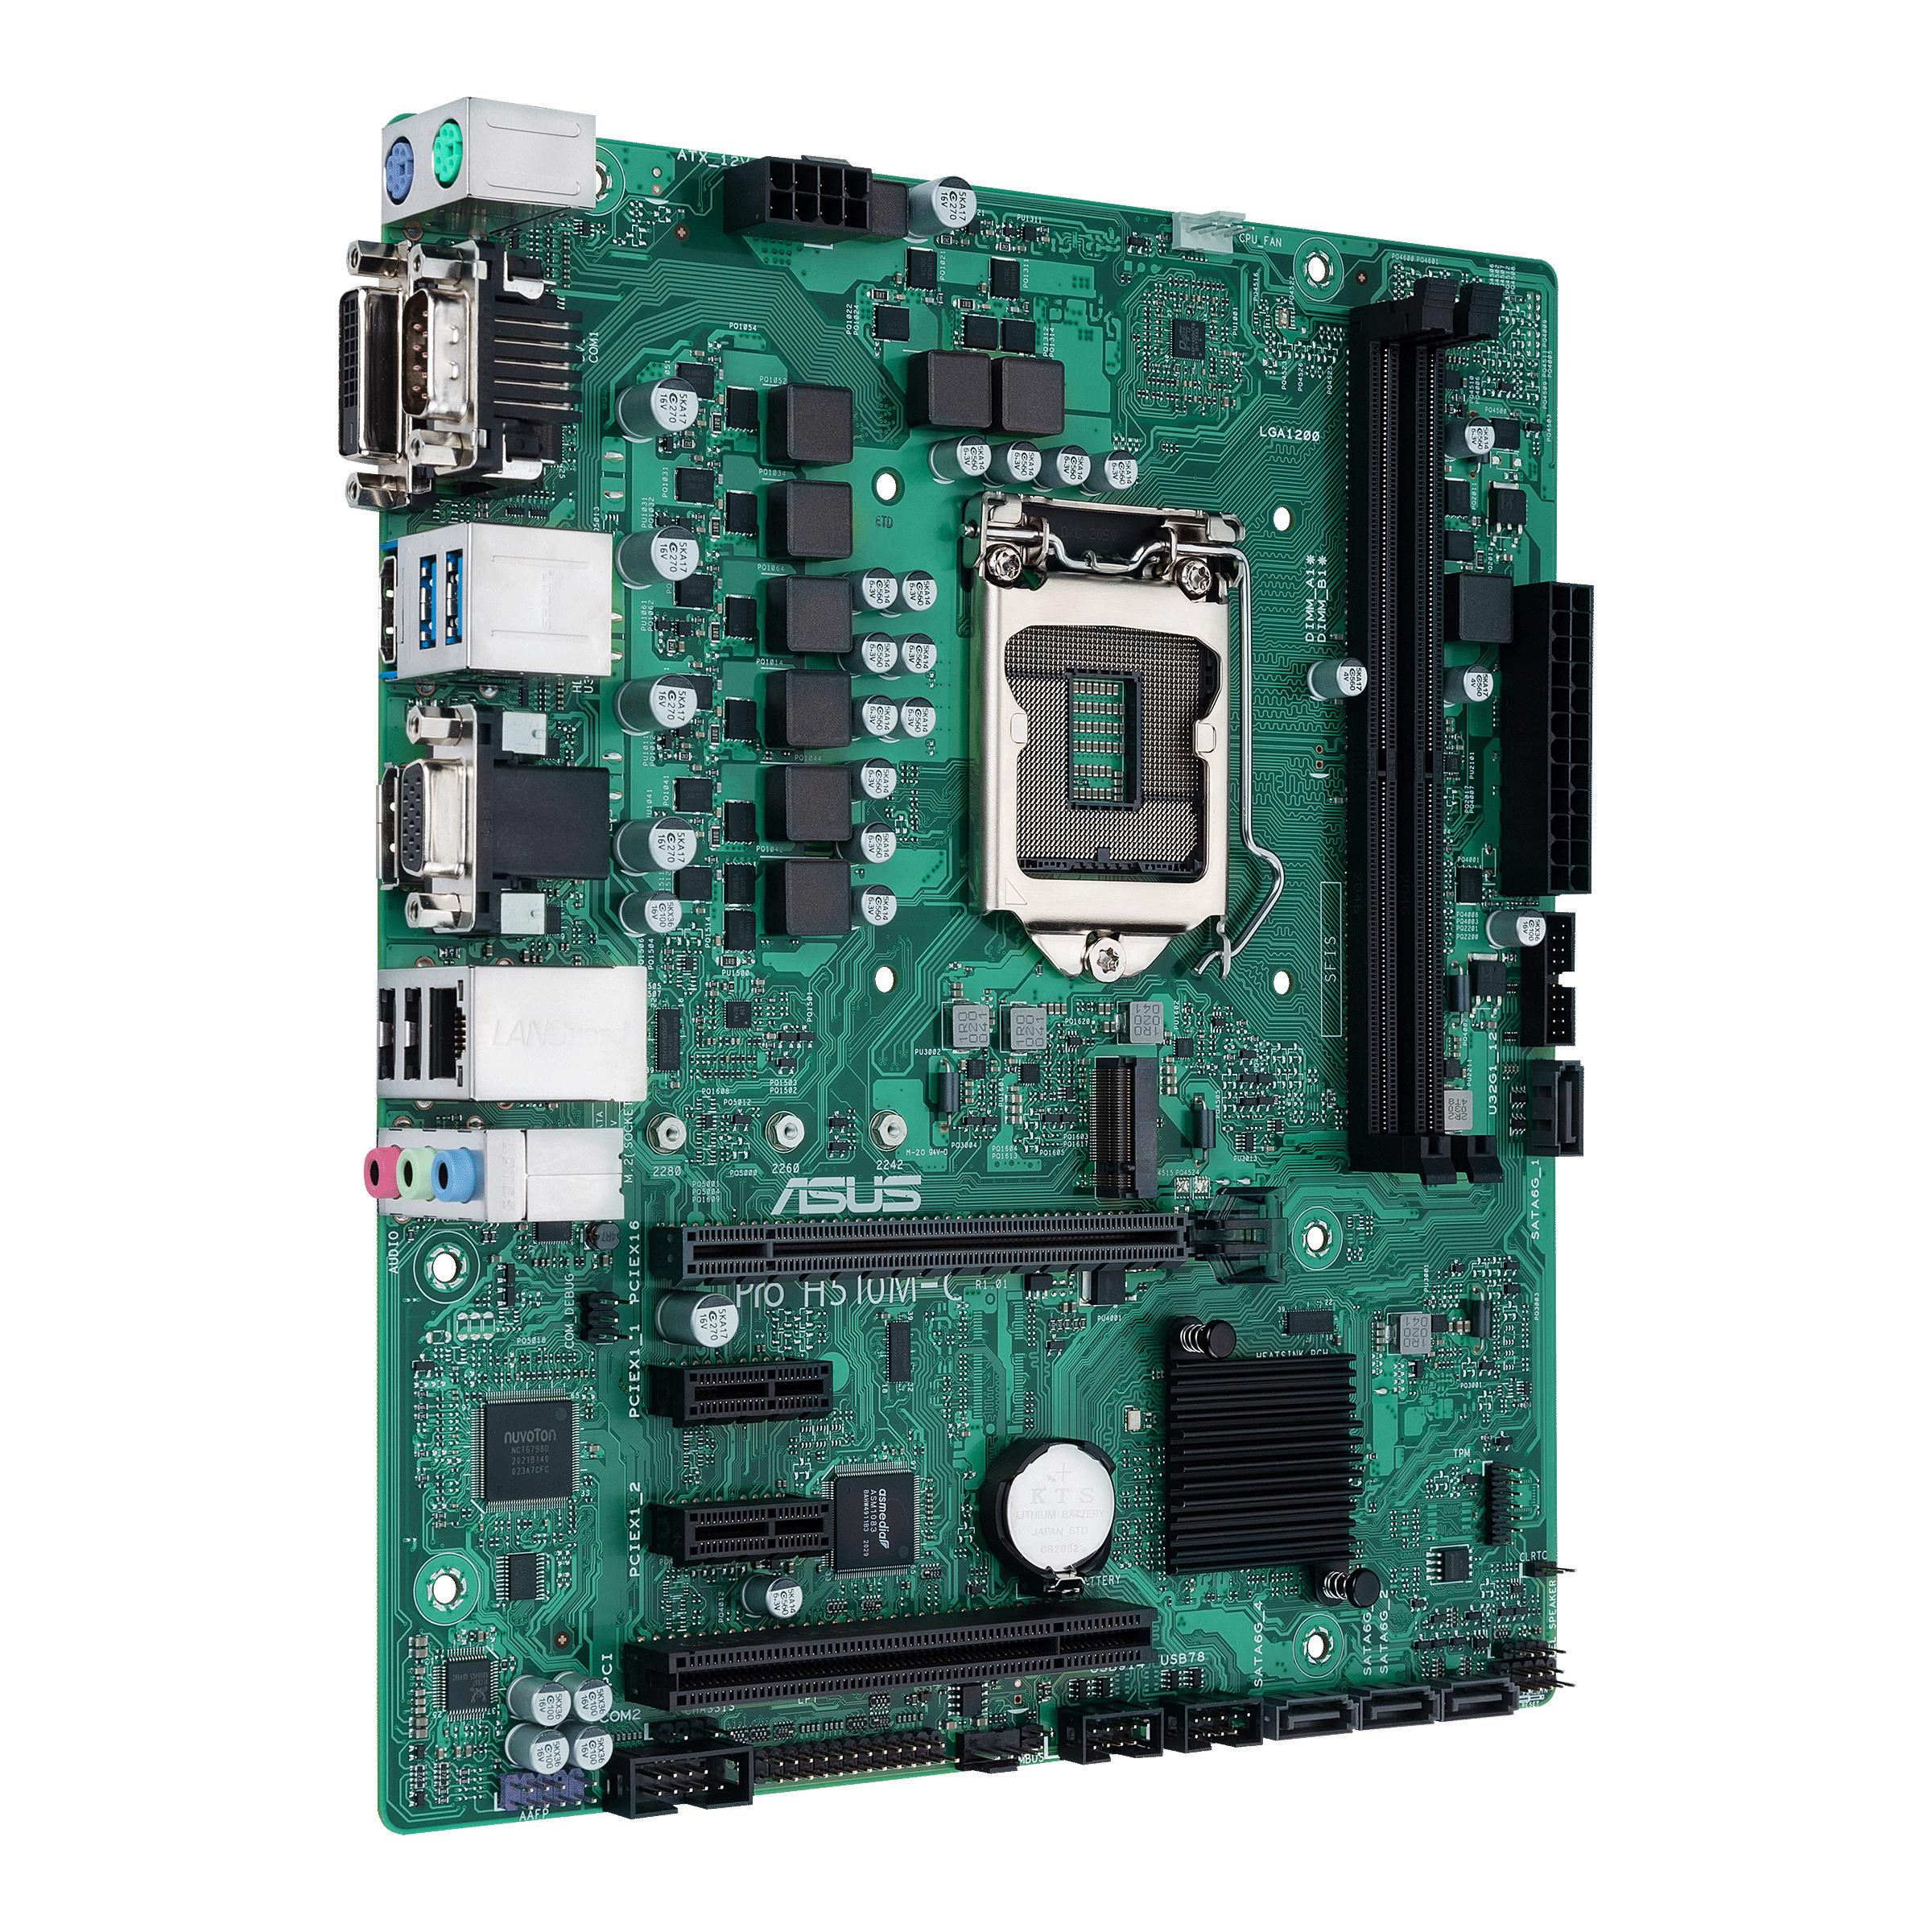 ASUS Pro H510M-C/CSM - Motherboard - micro ATX - LGA1200-Sockel - H510 - USB 3.2 Gen 1 - Gigabit LAN - Onboard-Grafik (CPU erforderlich)